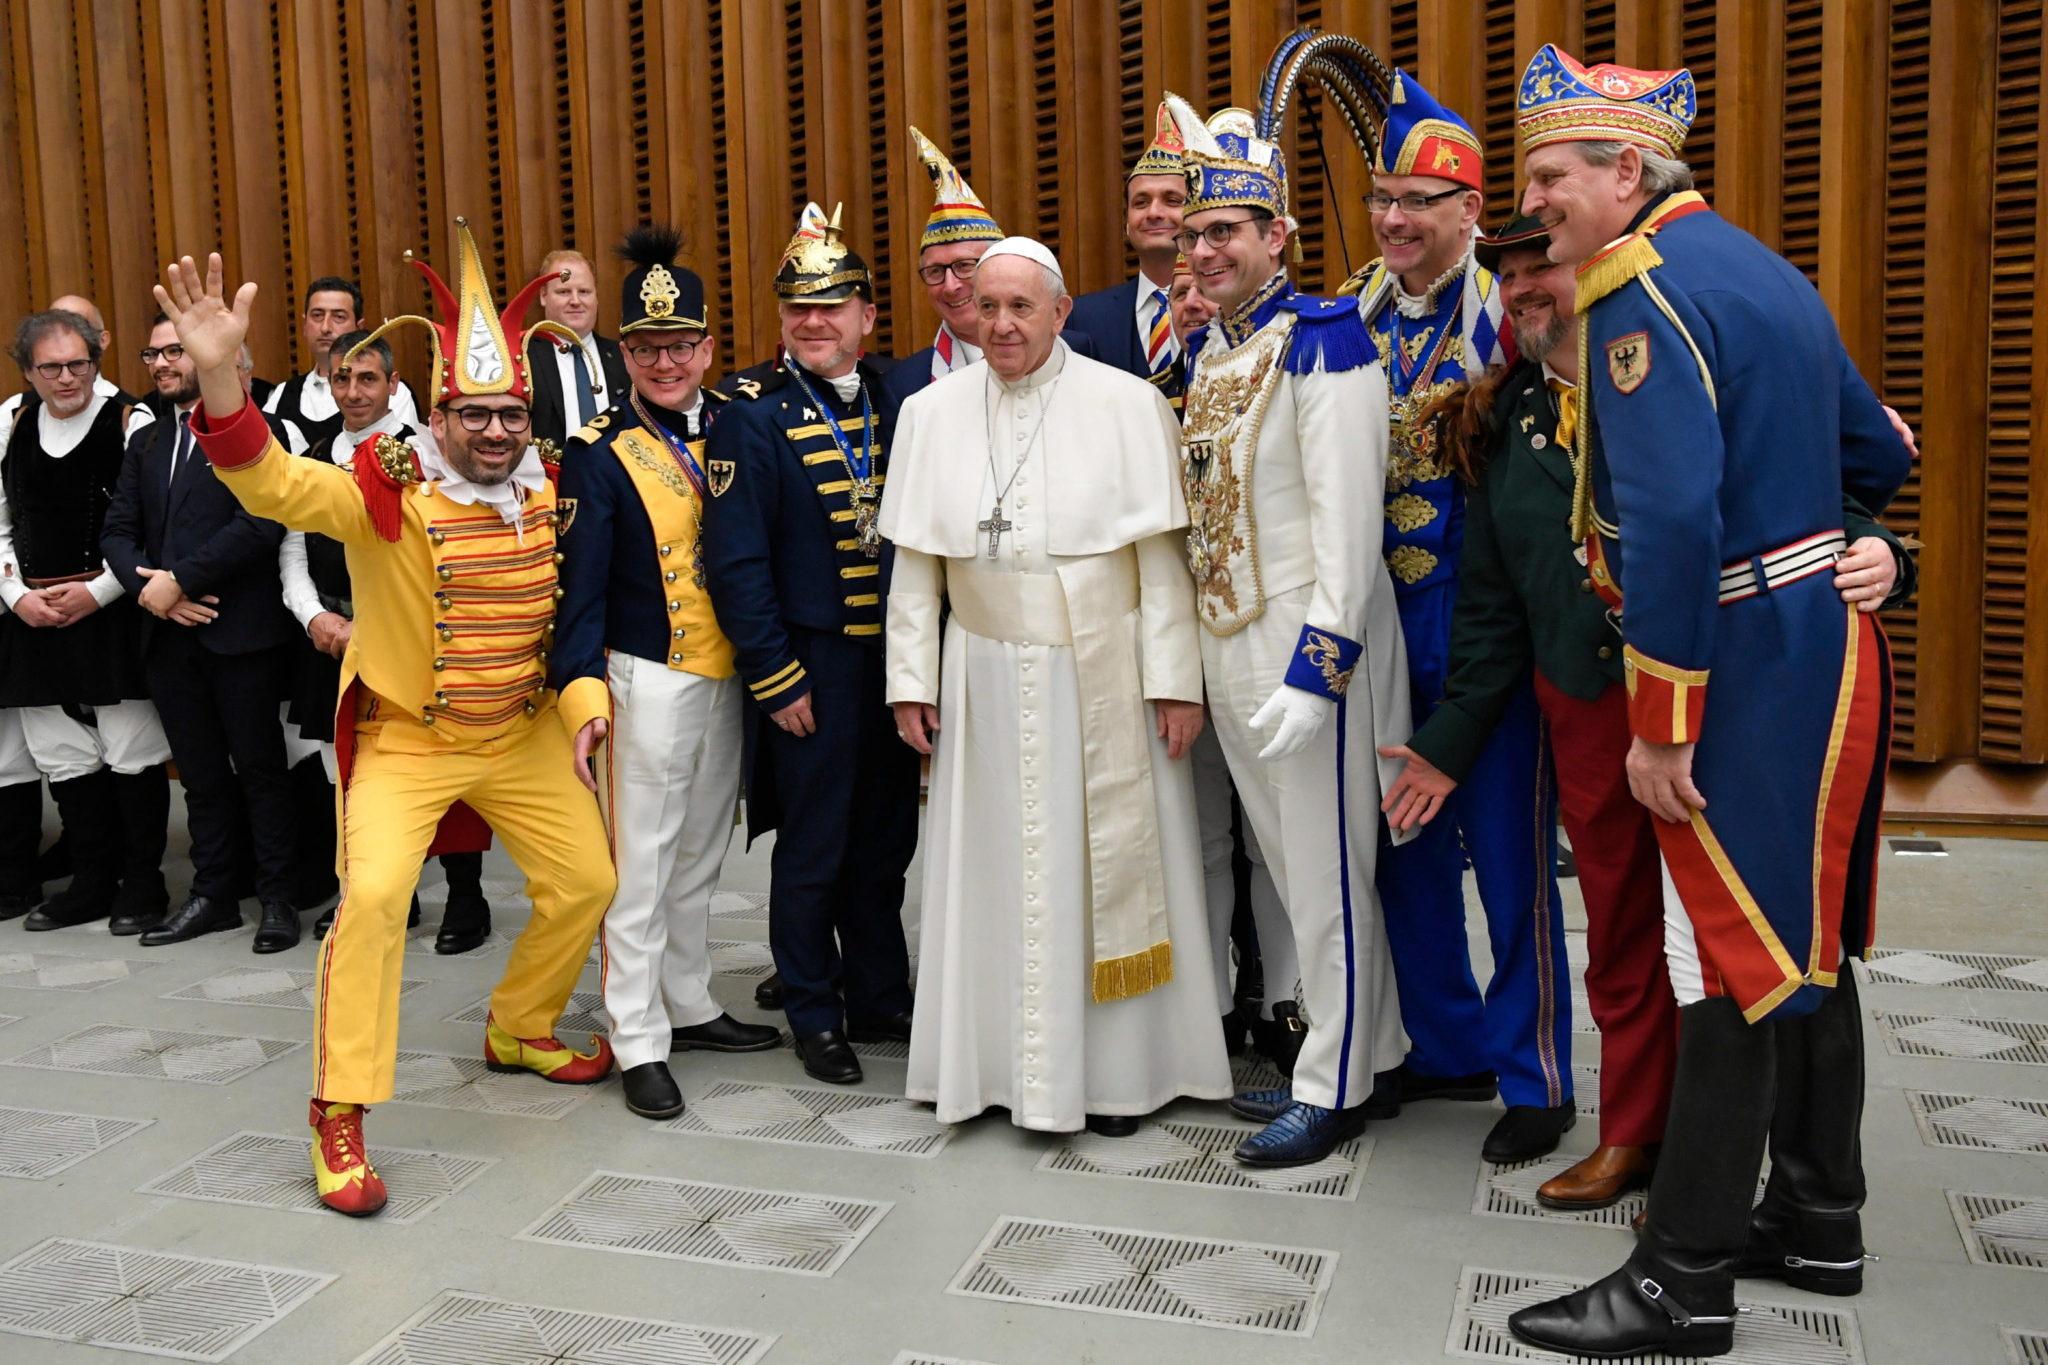 Środowa audiencja w Watykanie. fot. EPA/VATICAN MEDIA